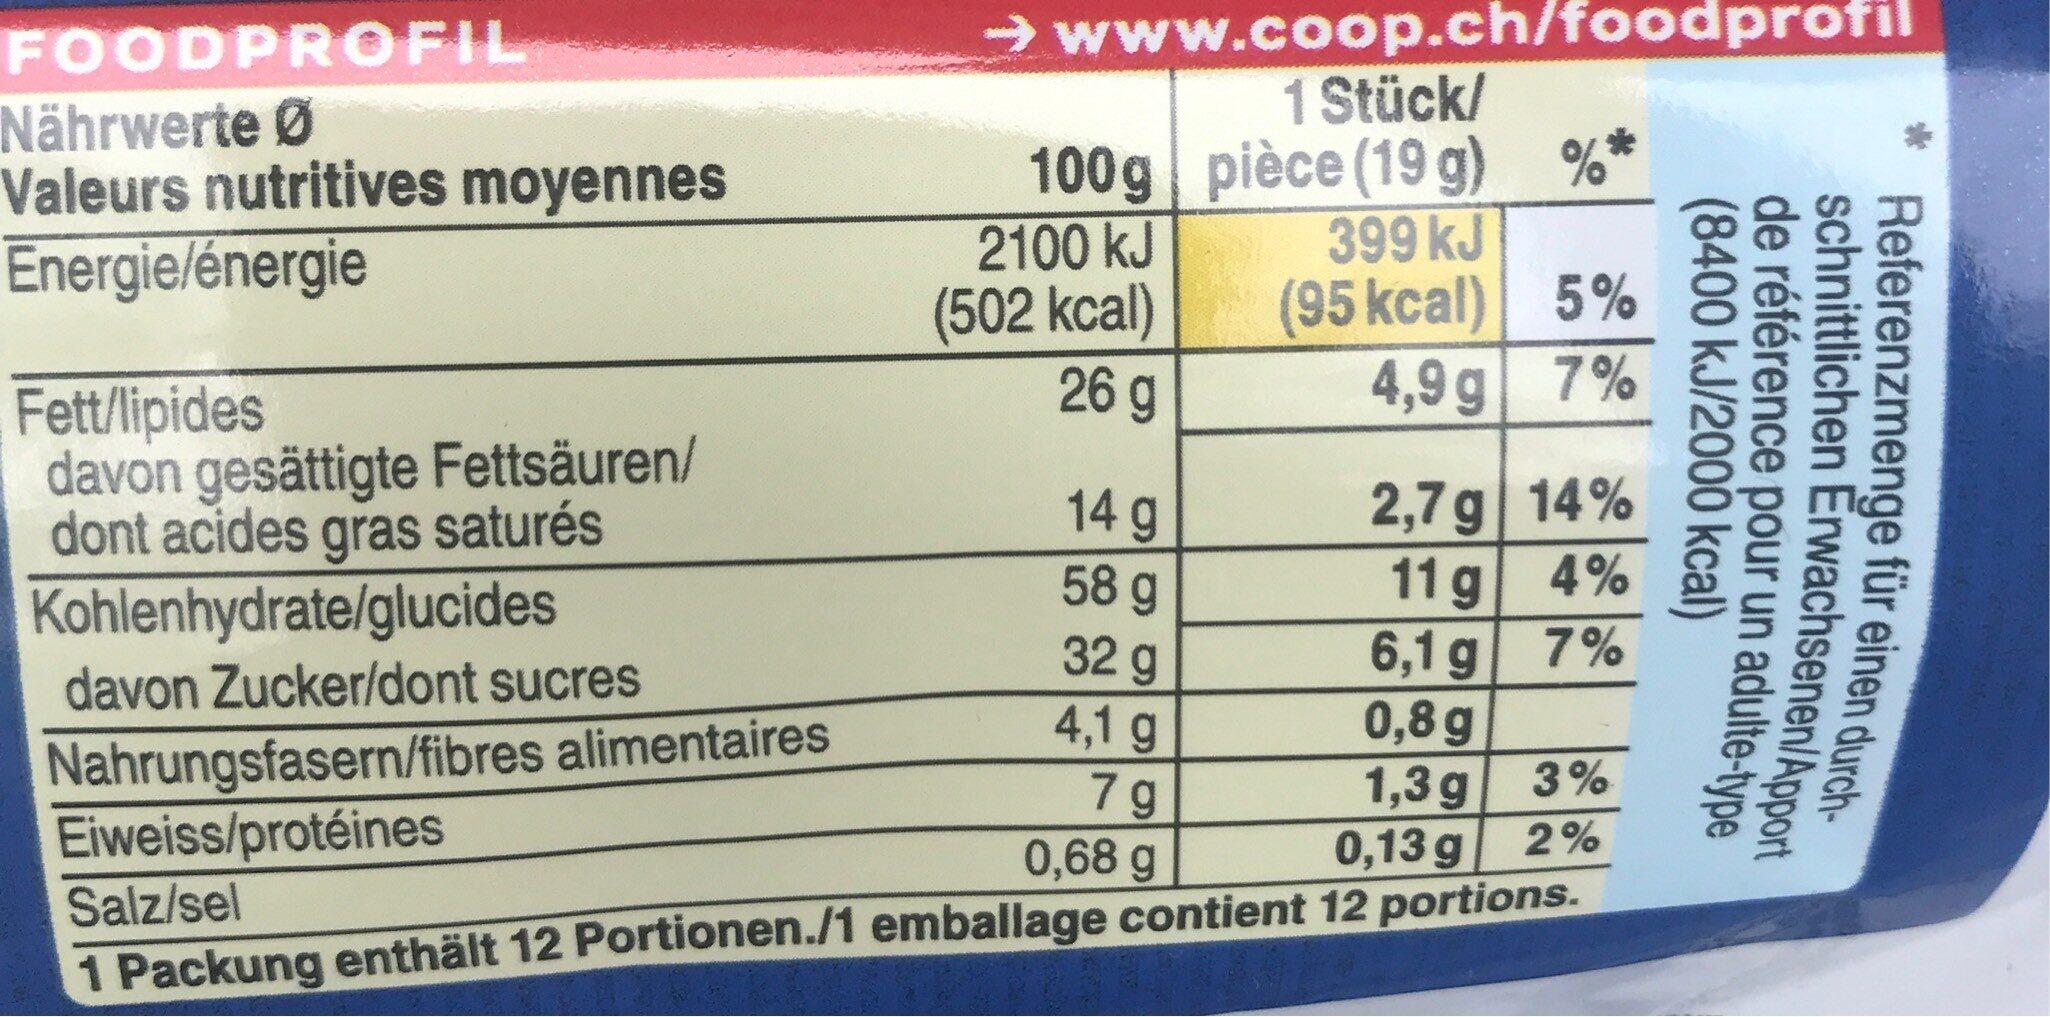 Chocolaté chip Cookie - Informations nutritionnelles